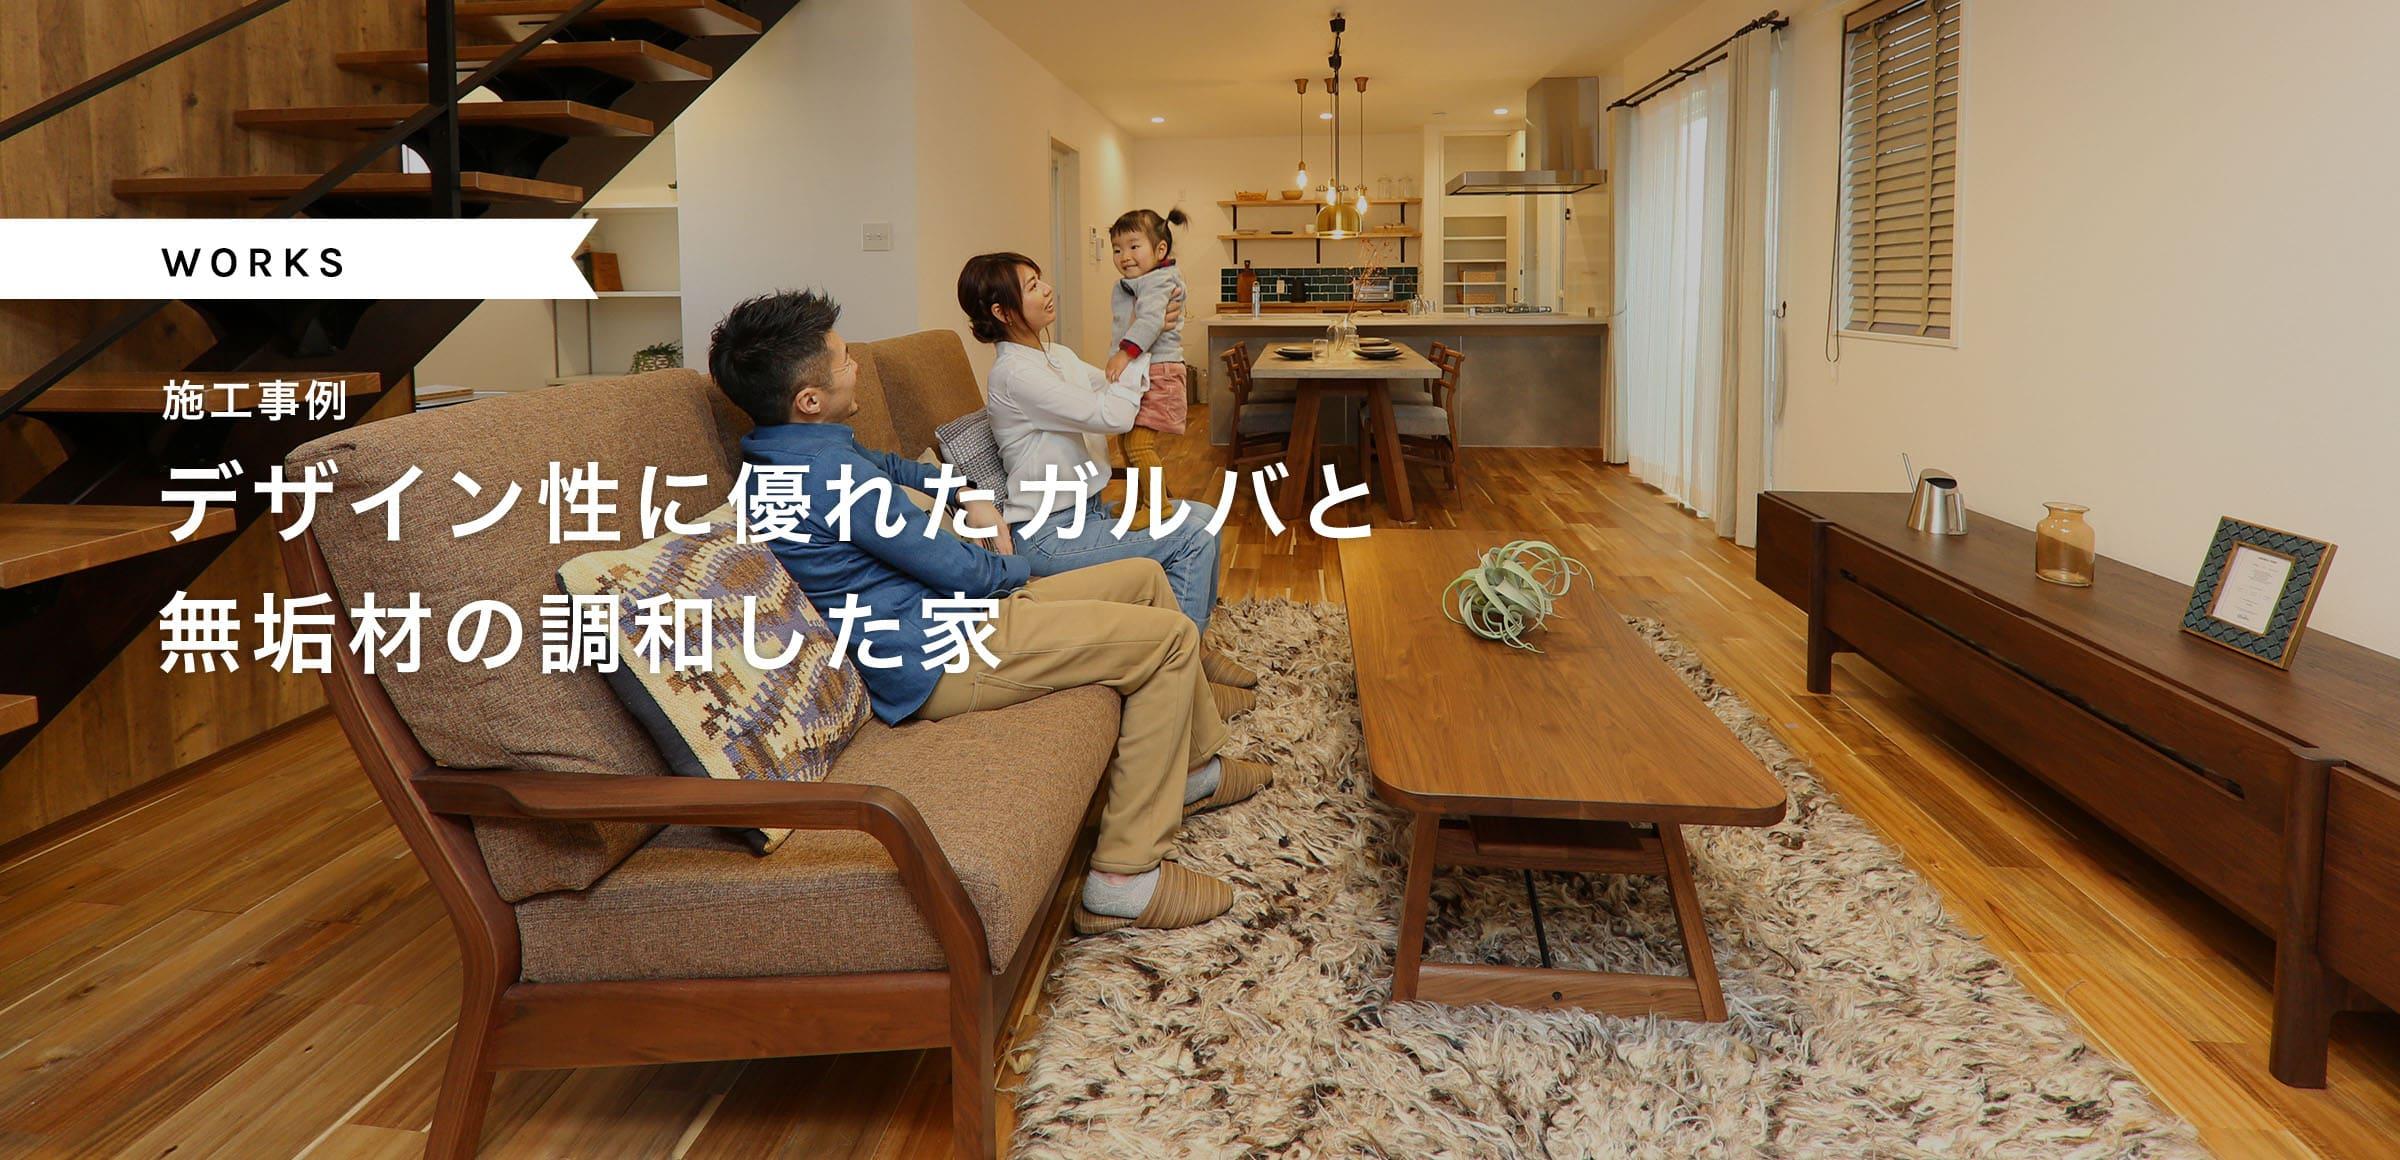 施工事例 デザイン性に優れたガルバと無垢材の調和した家